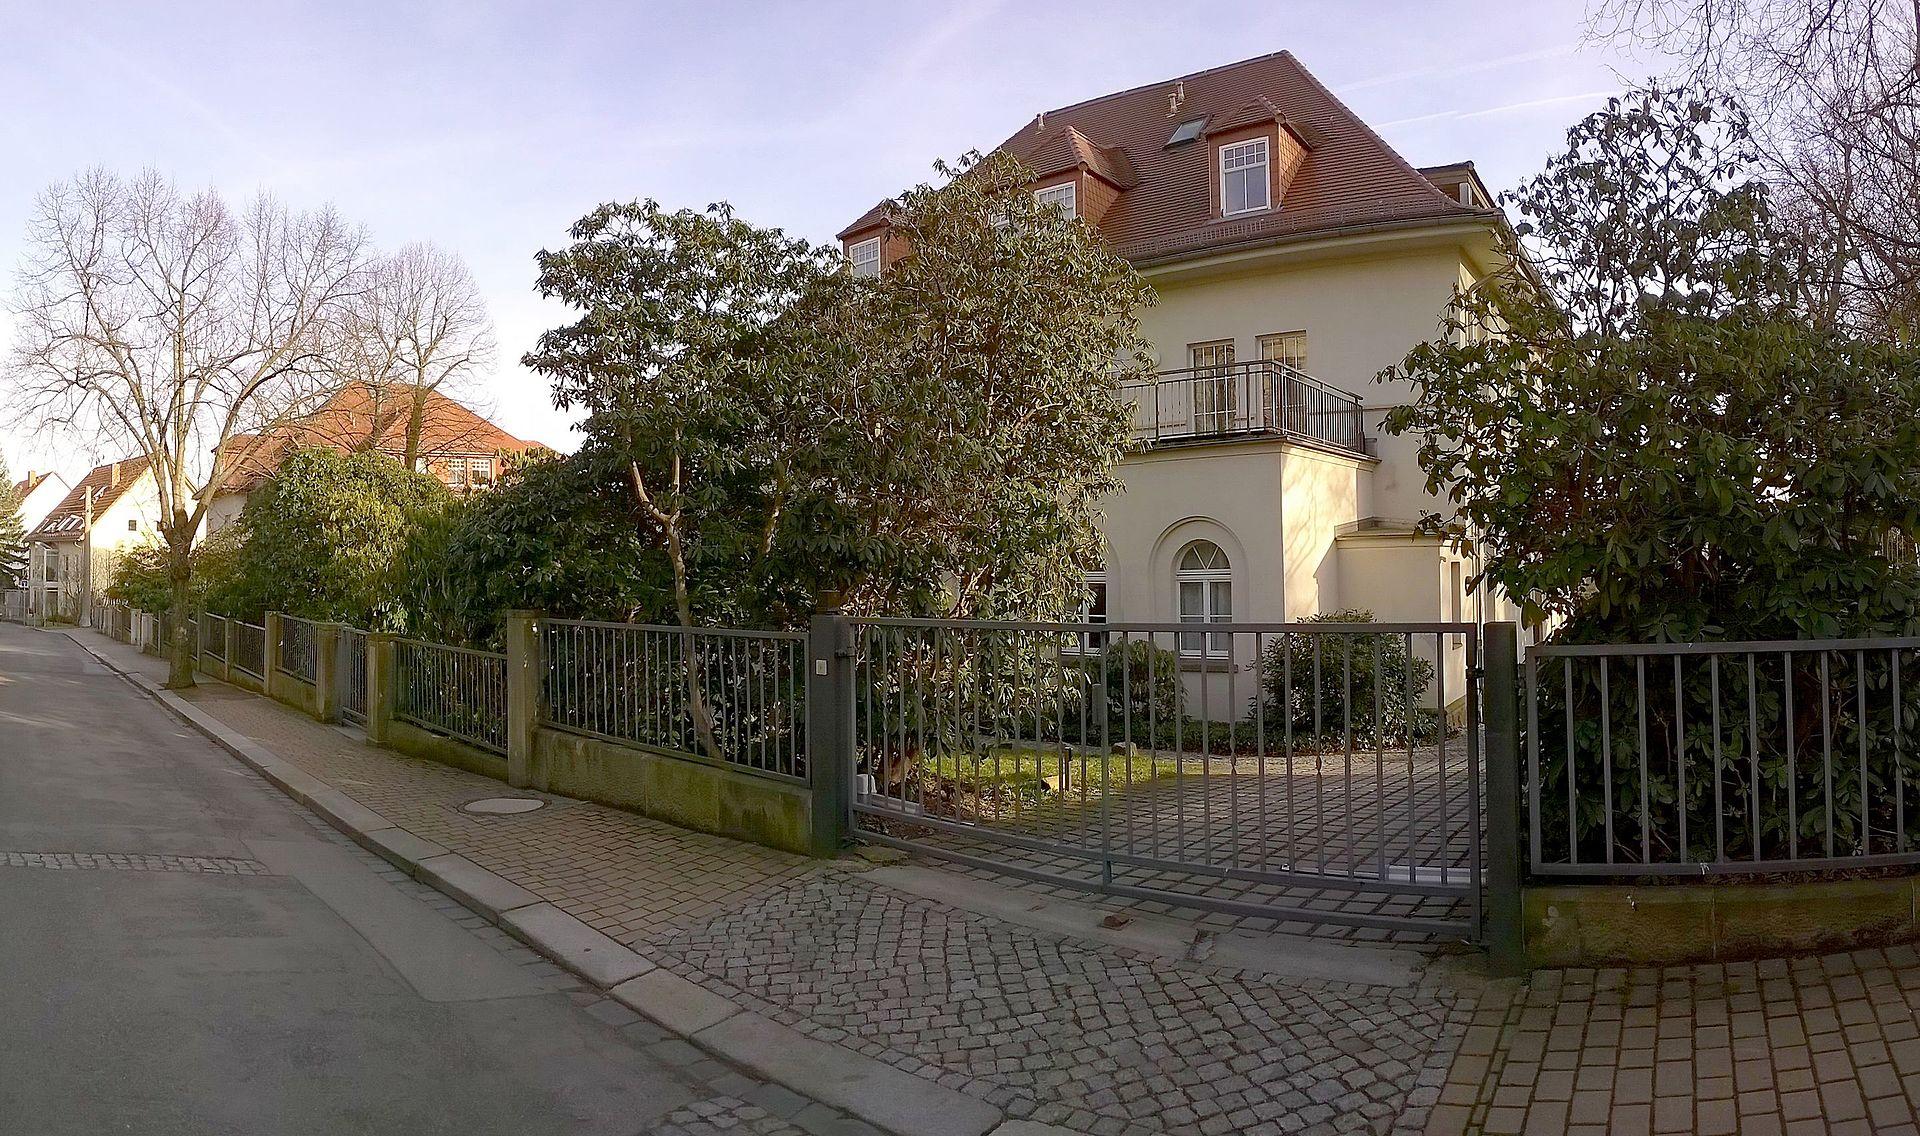 Villa_und_Wohnort_von_Generalfeldmarschall_Friedrich_Wilhelm_Ernst_Paulus_in_Dresden_Oberlosch...jpg